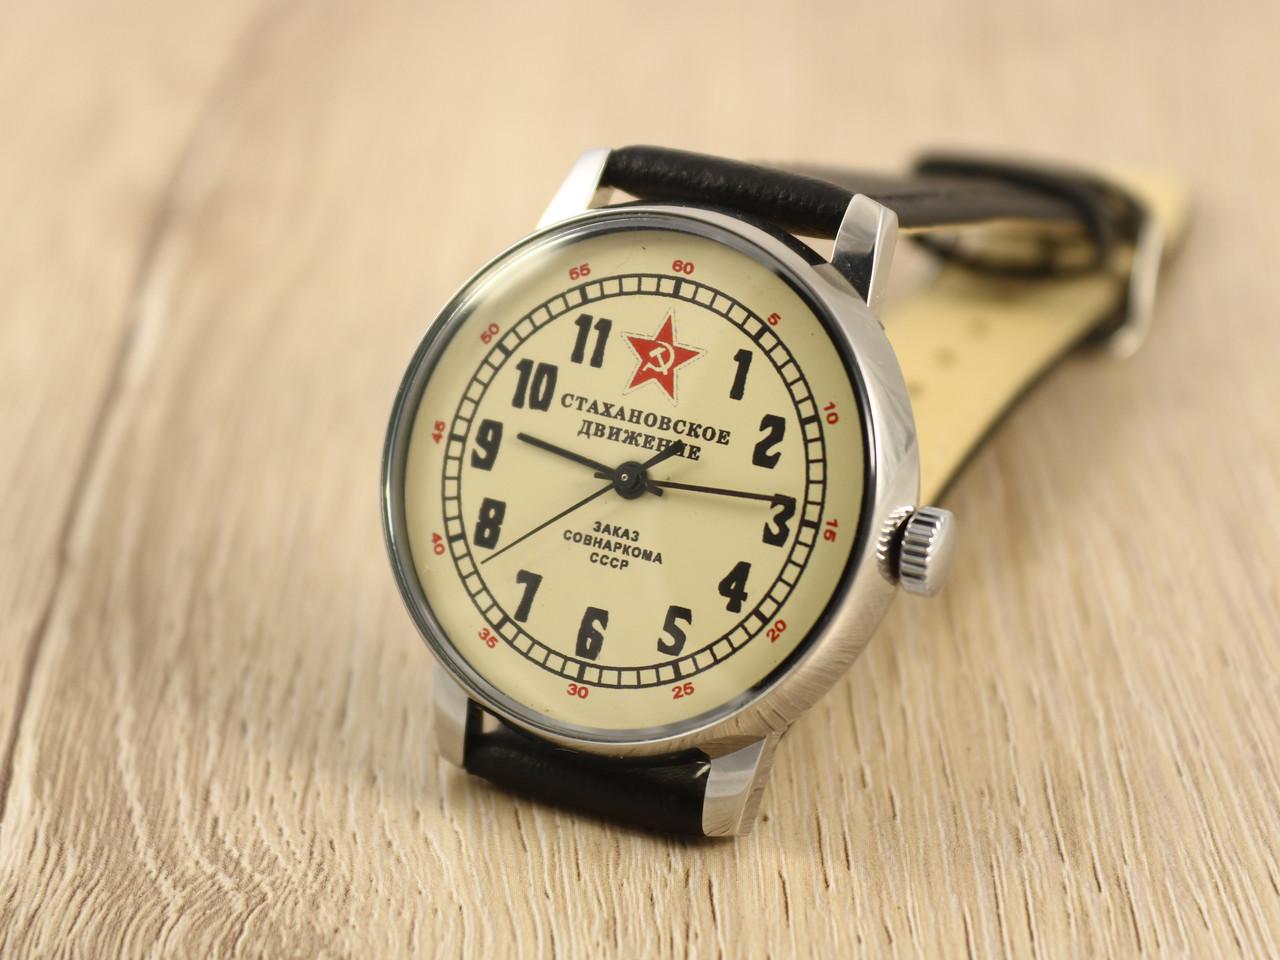 Часы марка ракета купить в купить неординарные часы